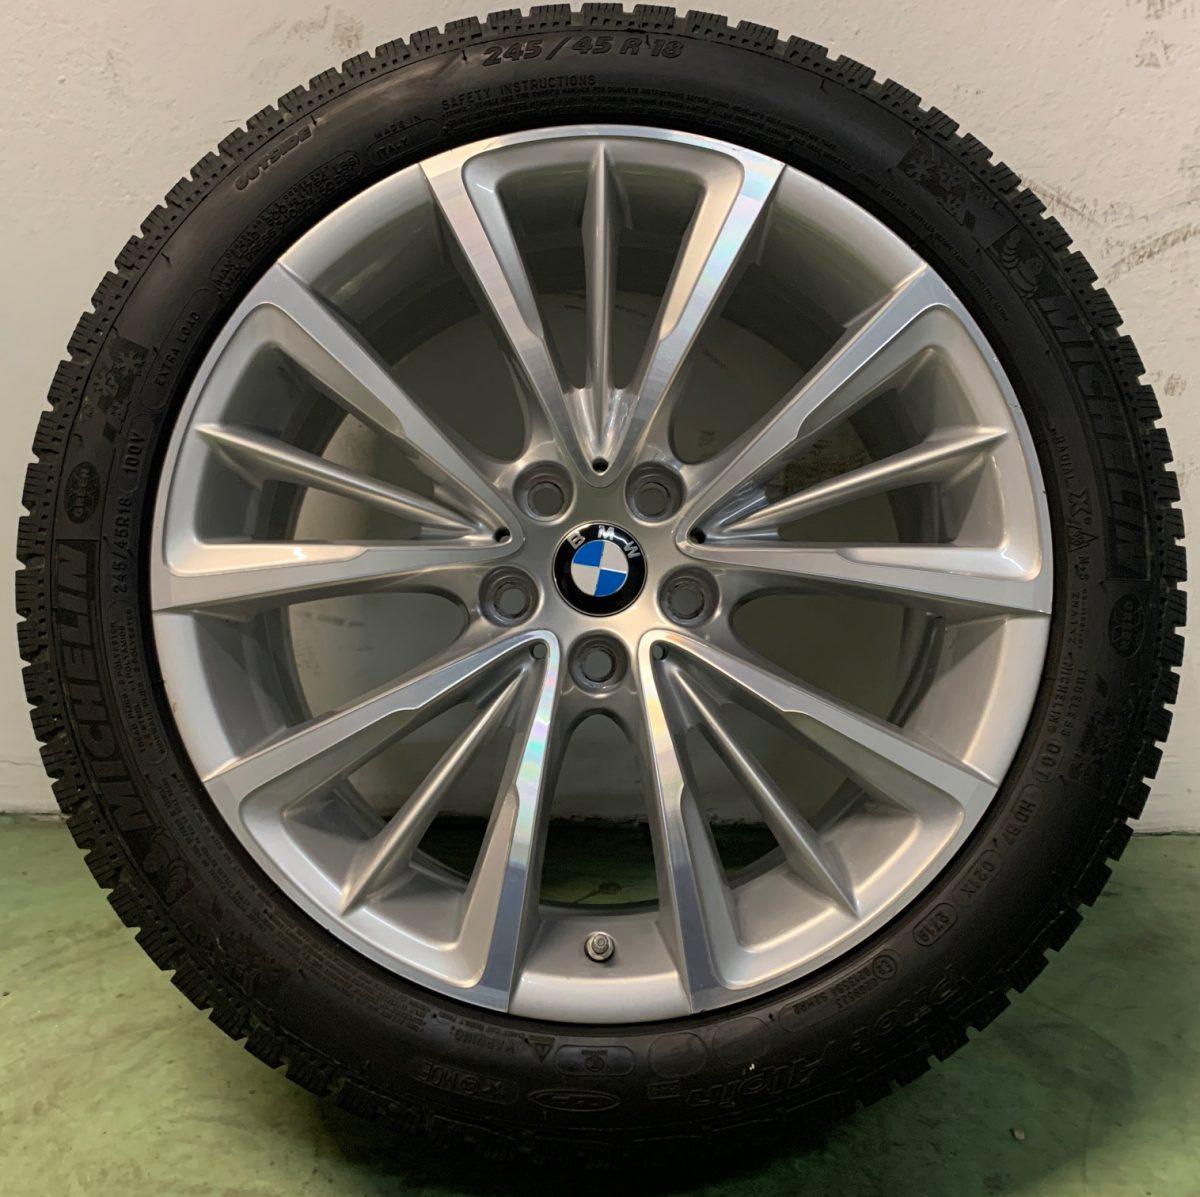 Gyári alufelni BMW G30 (643 styl) 8X18 alufelni újszerű téli garnitúra! Michelin gumikkal,nyomásszenzorral! 1